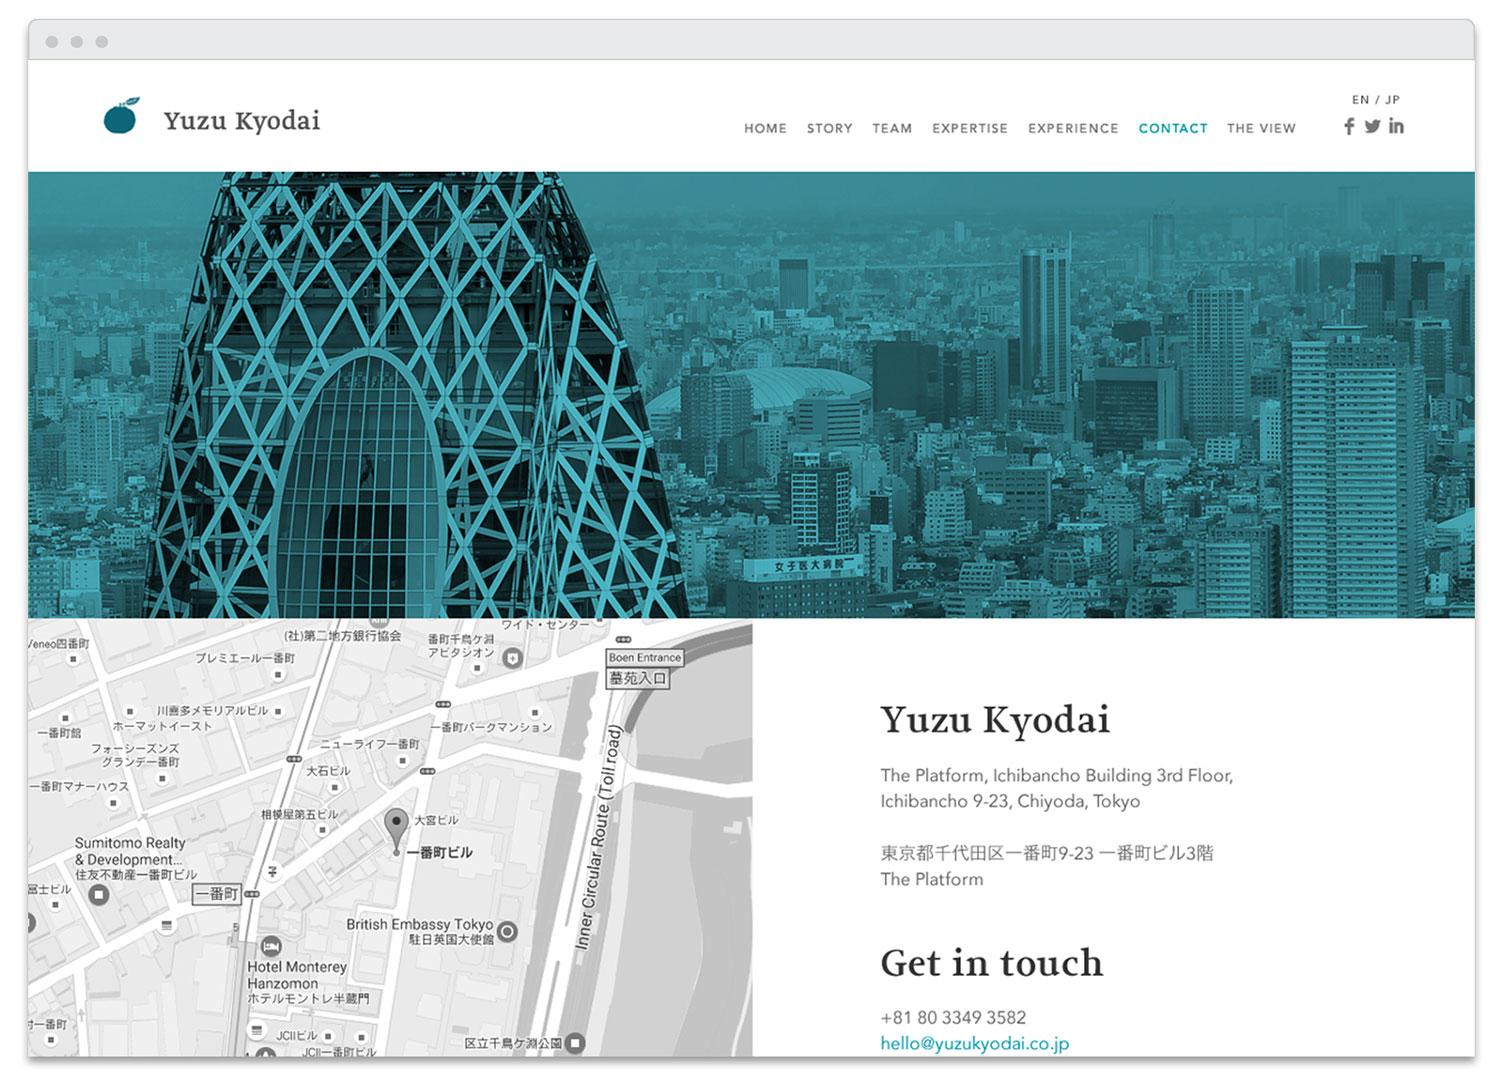 yuzu_kyodai_browser_v3